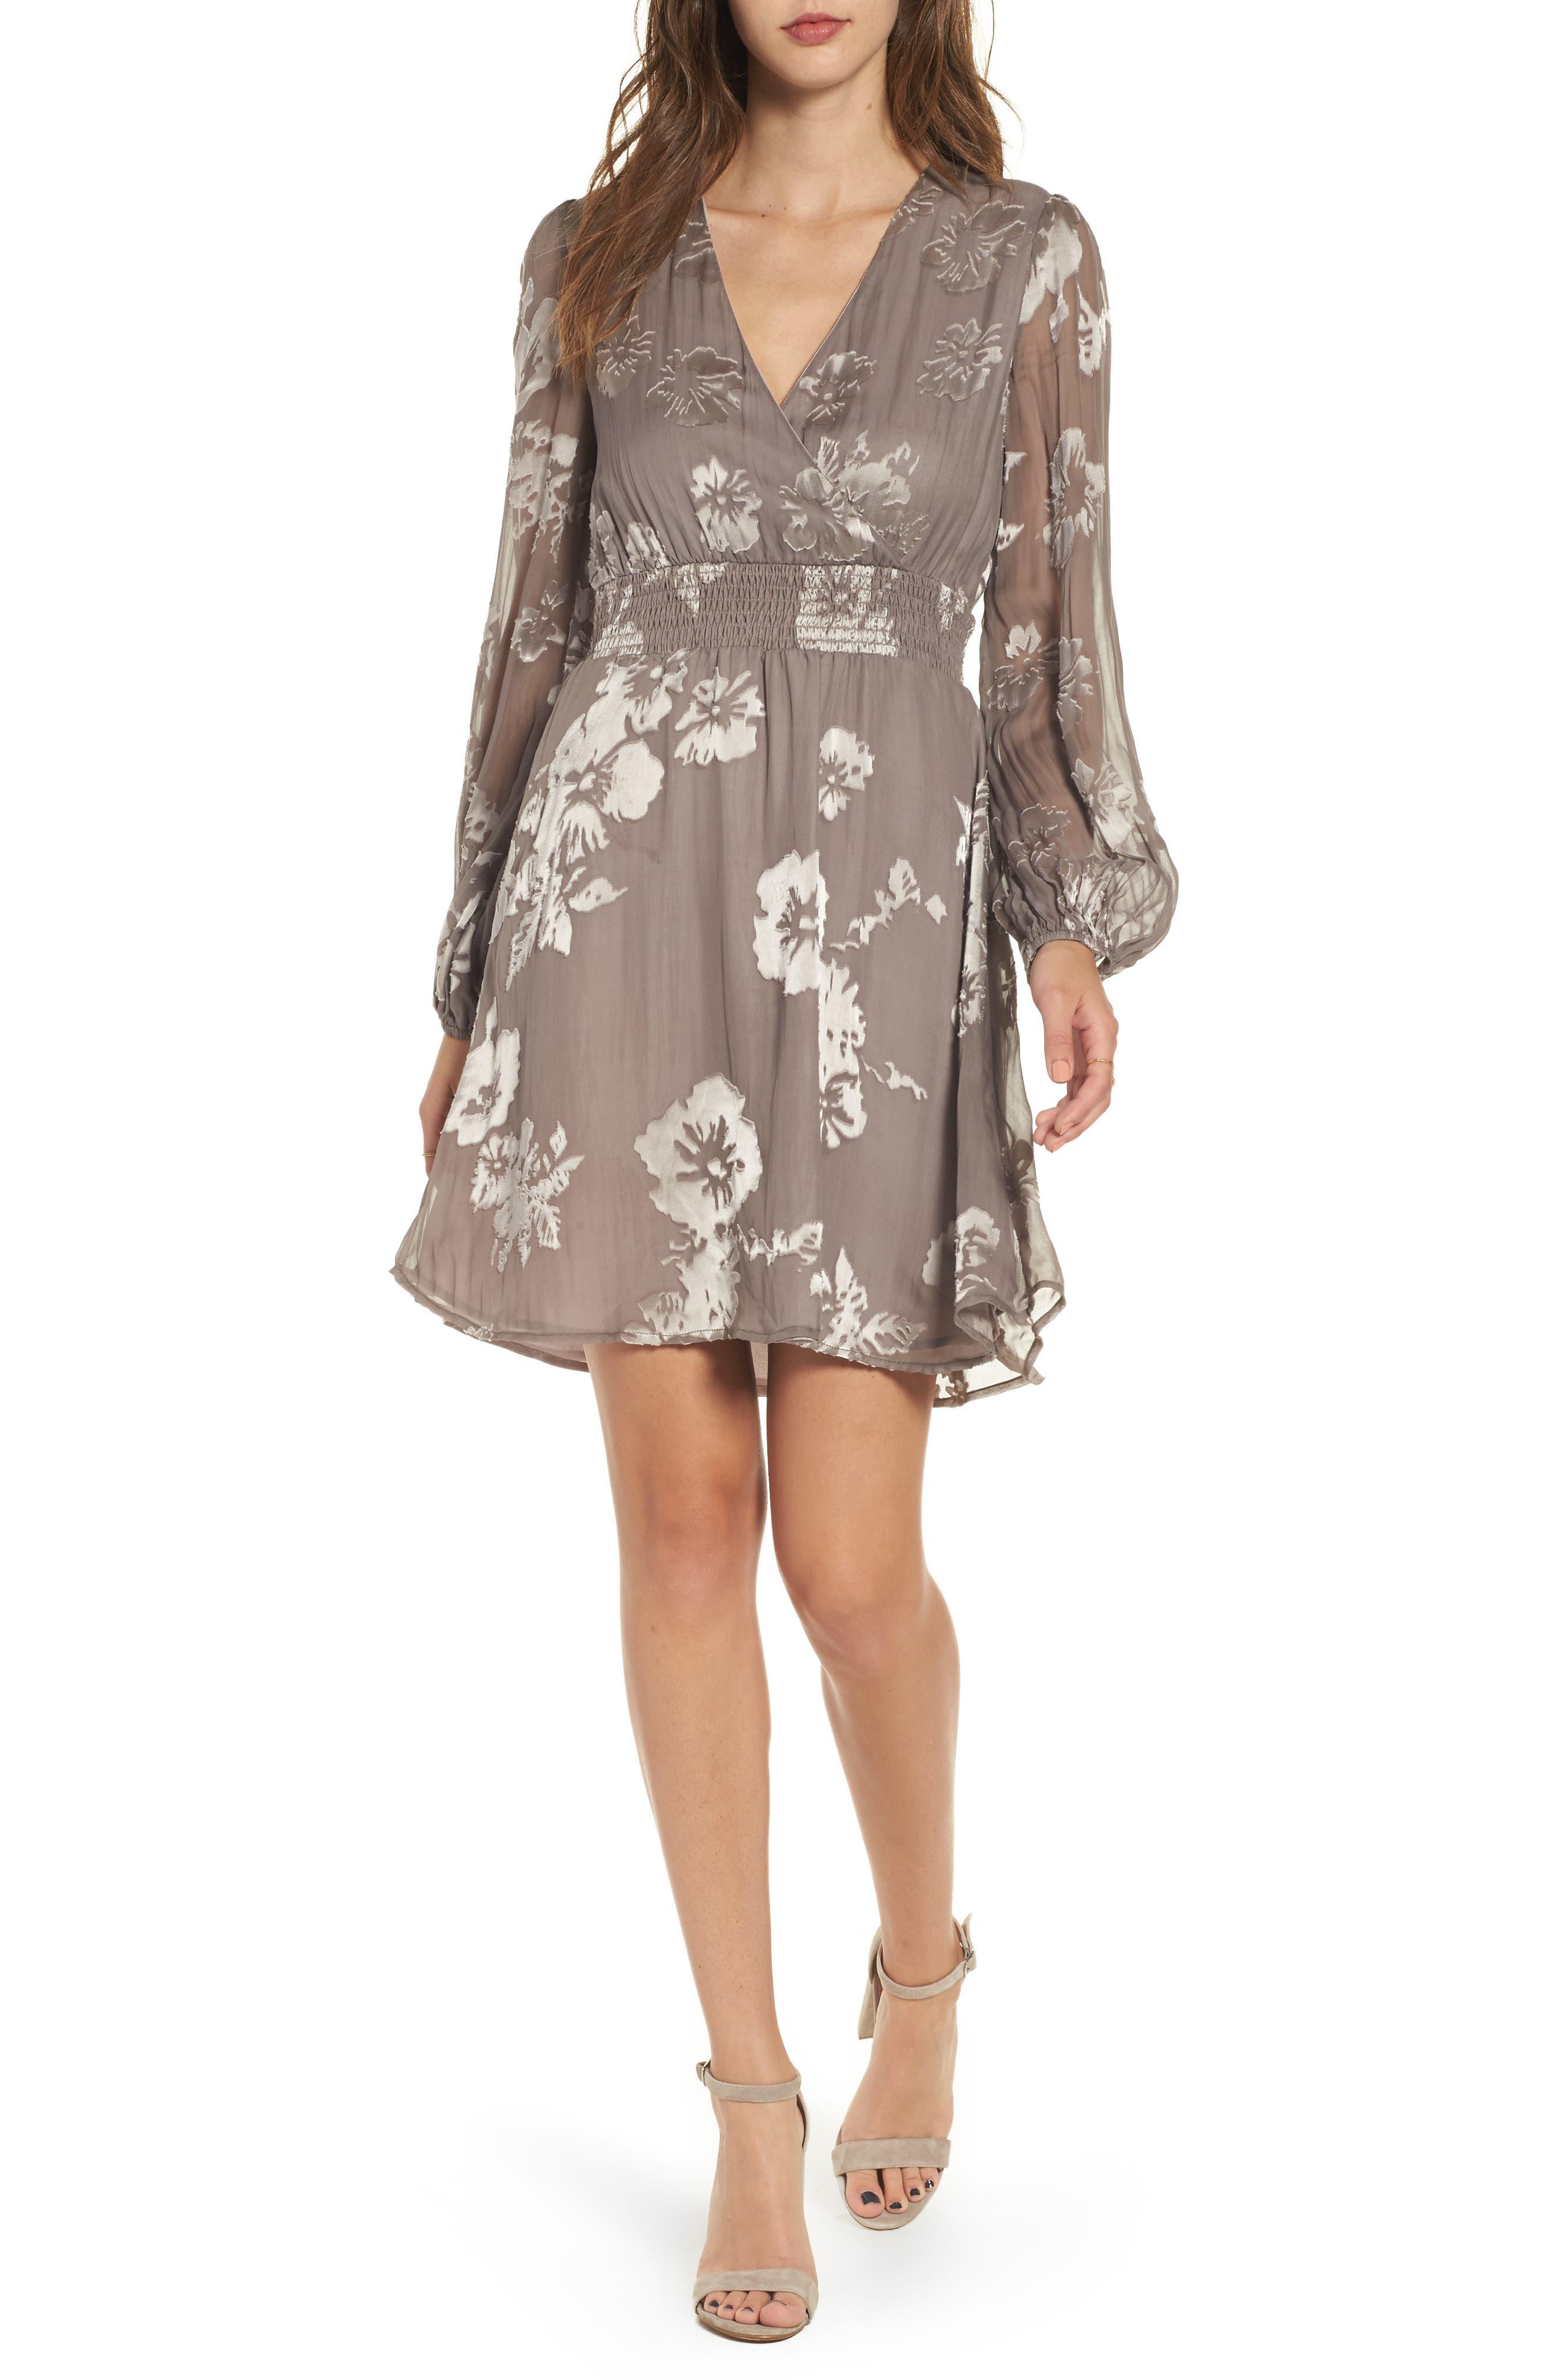 Alternate Image 1 Selected - ASTR the Label Mabeline Fit & Flare Dress